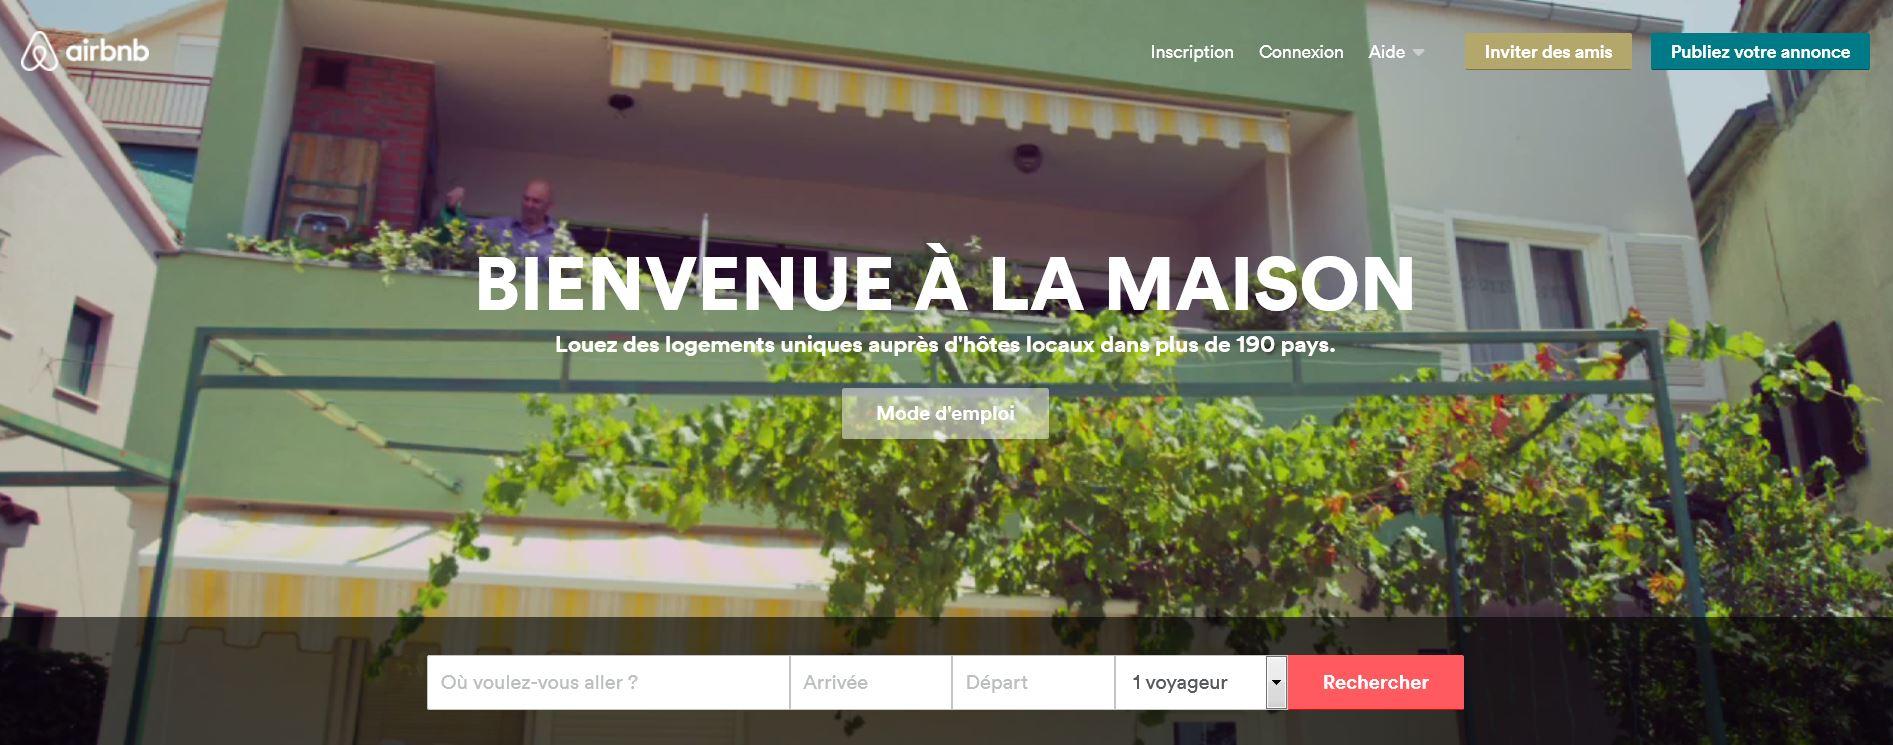 nouveau site airbnb